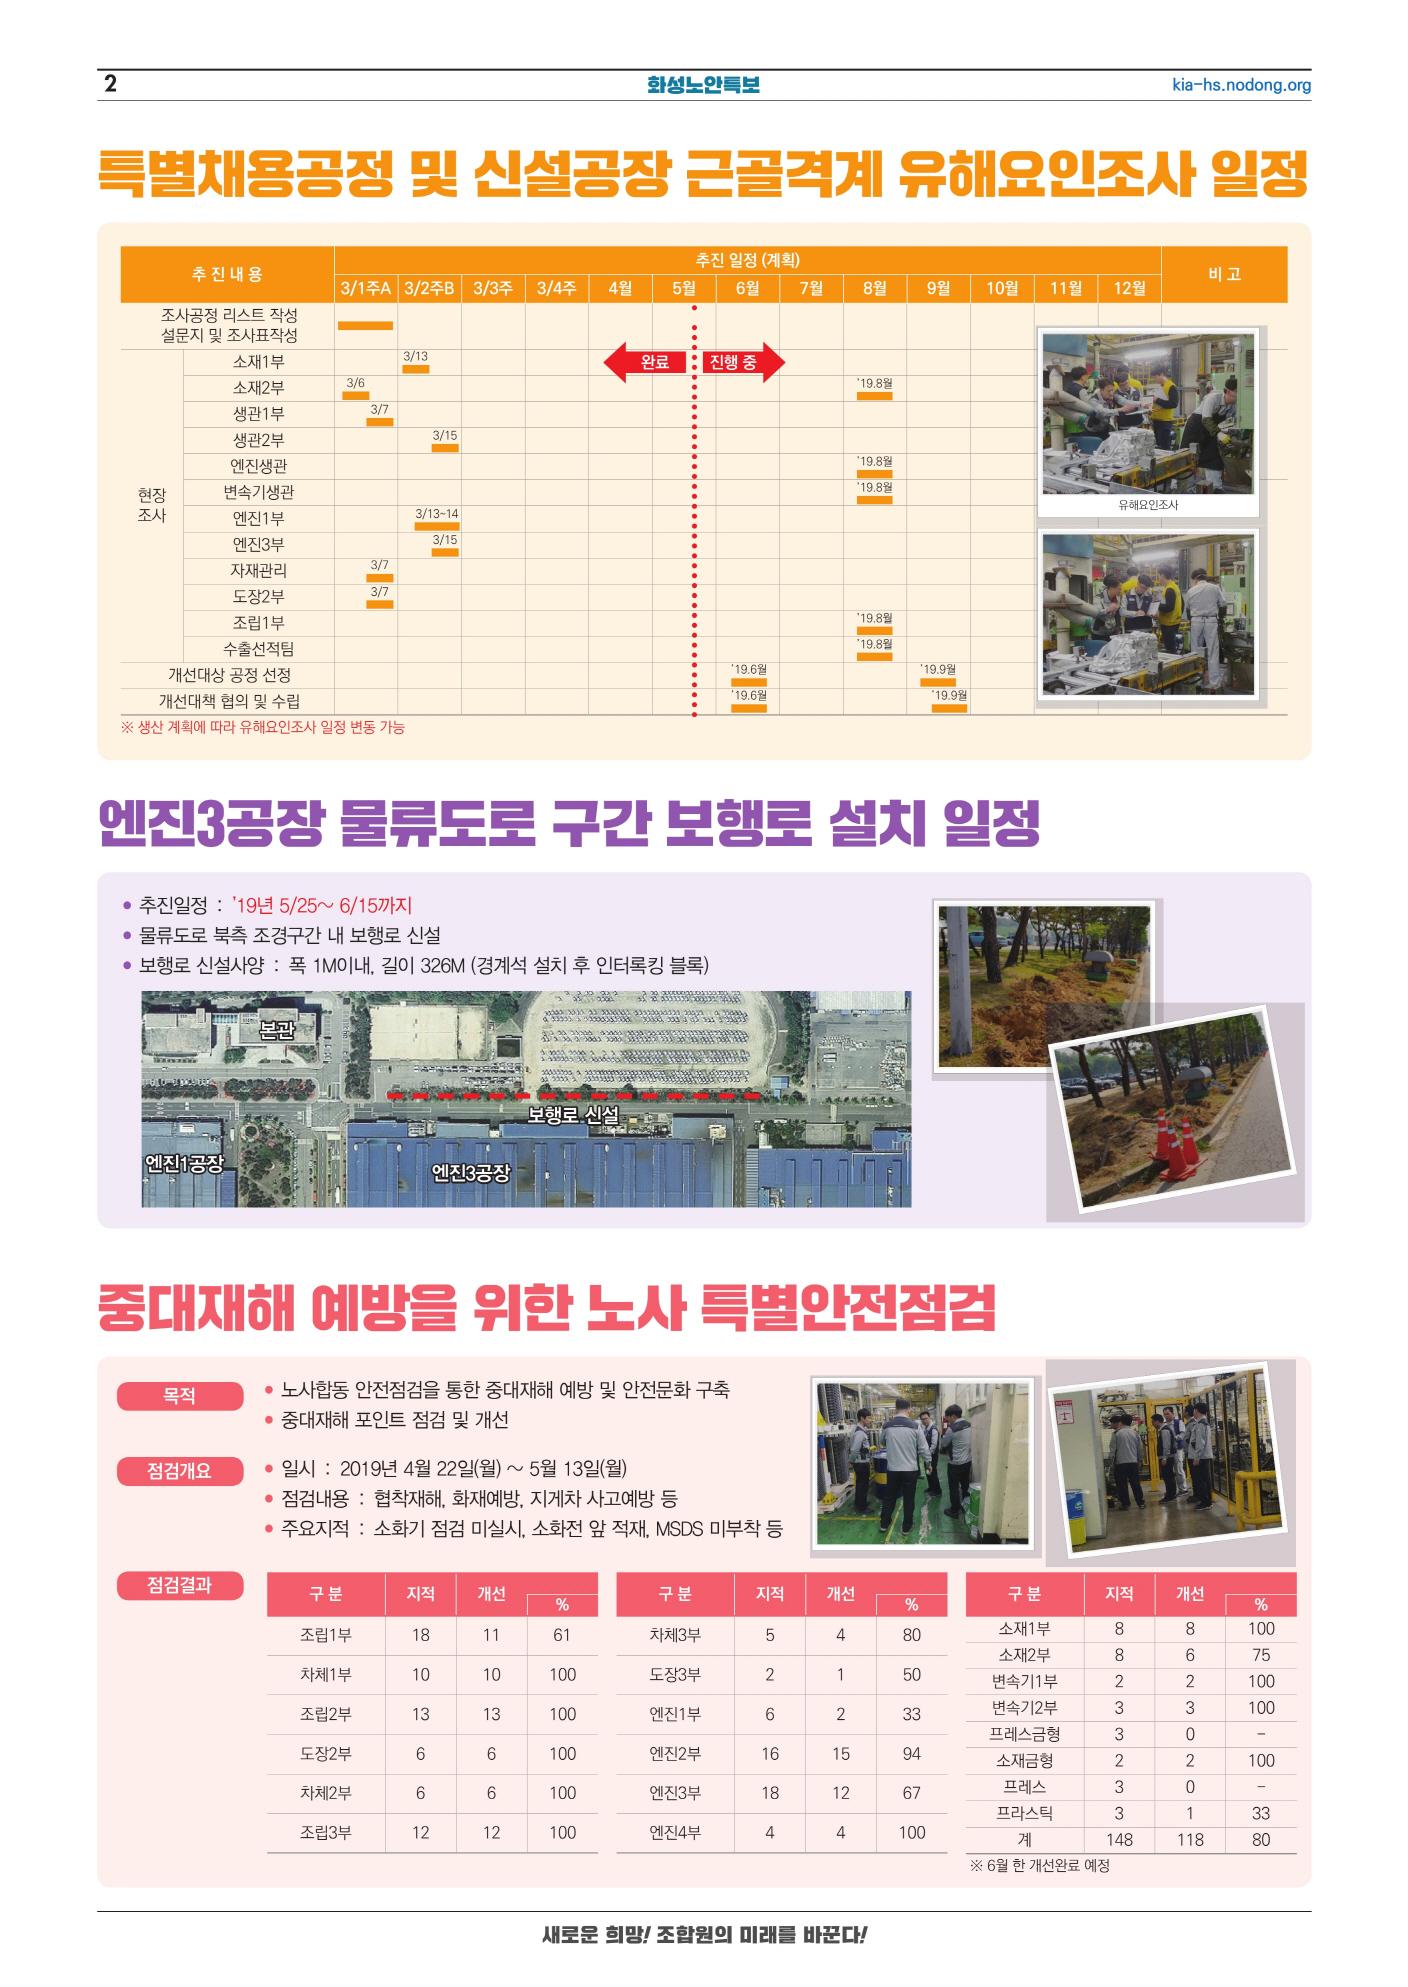 사본 -화성노안특보(완)-0611-2[크기변환].jpg